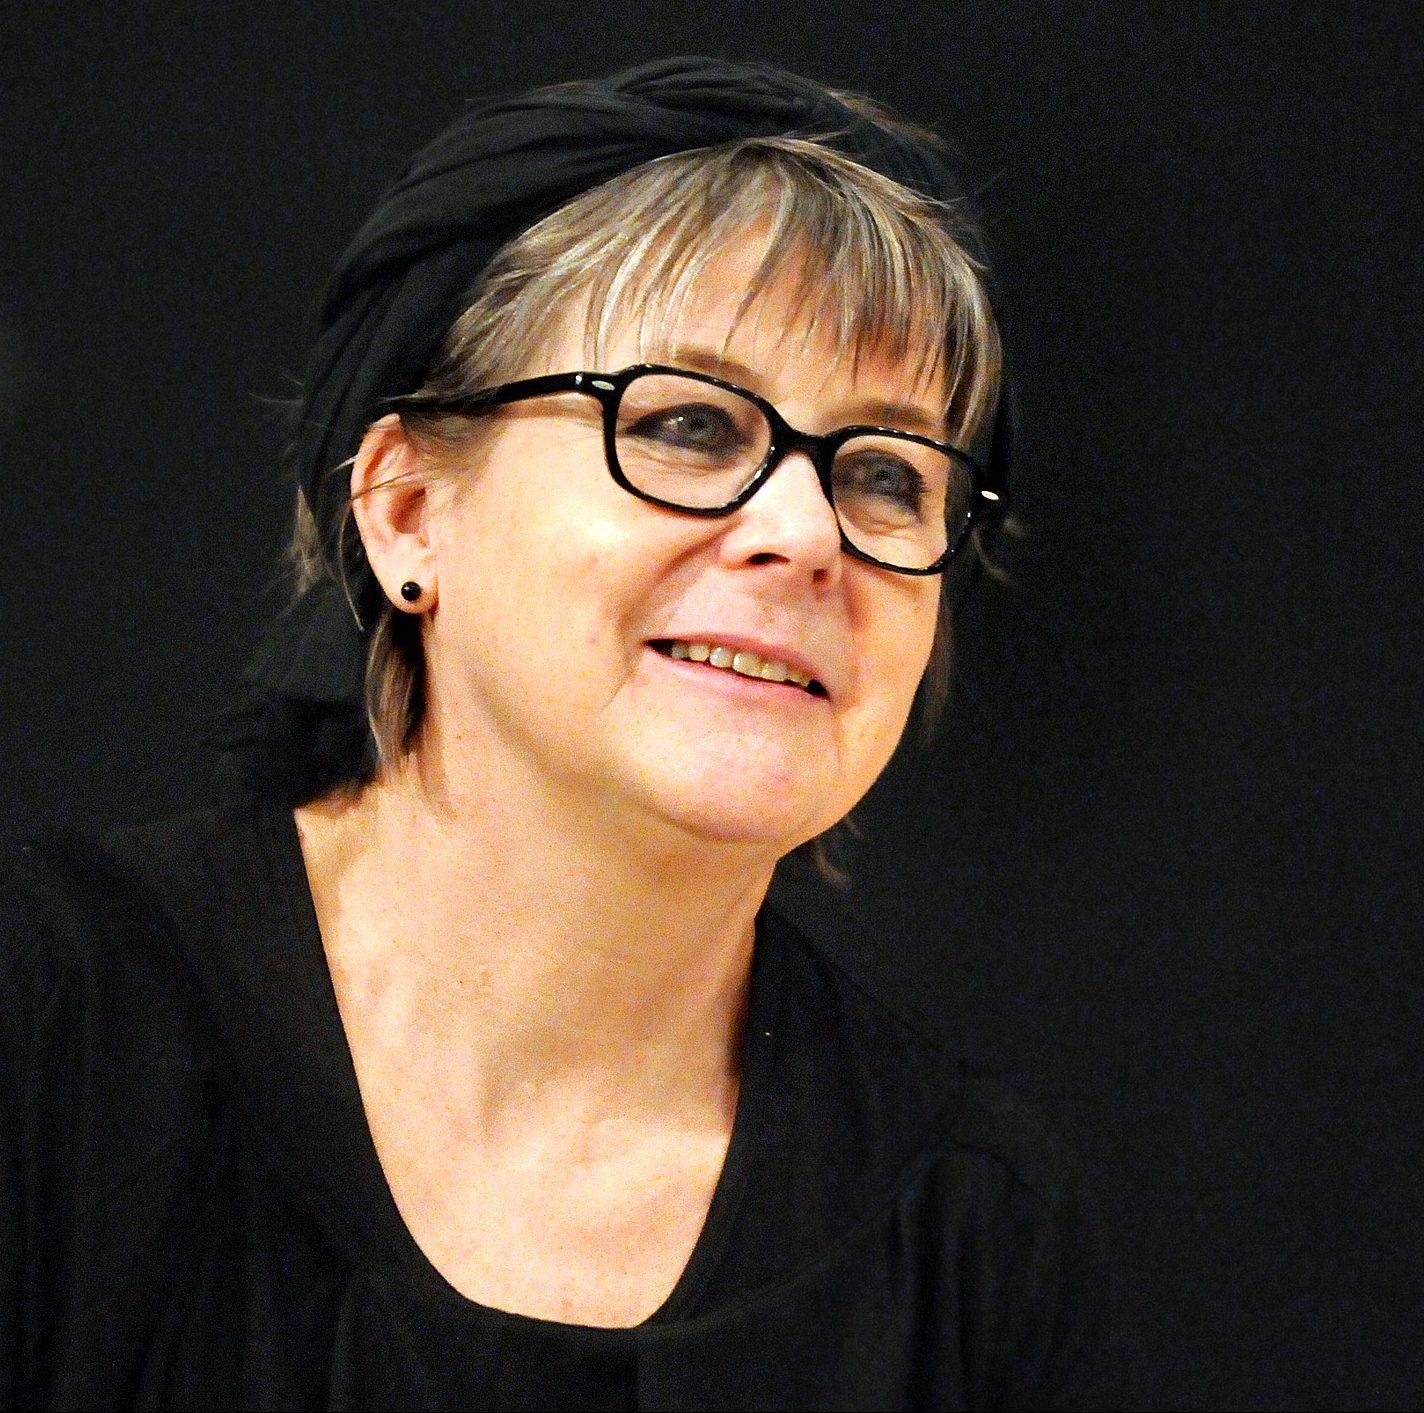 Danish visiting artist, Gitte Kath